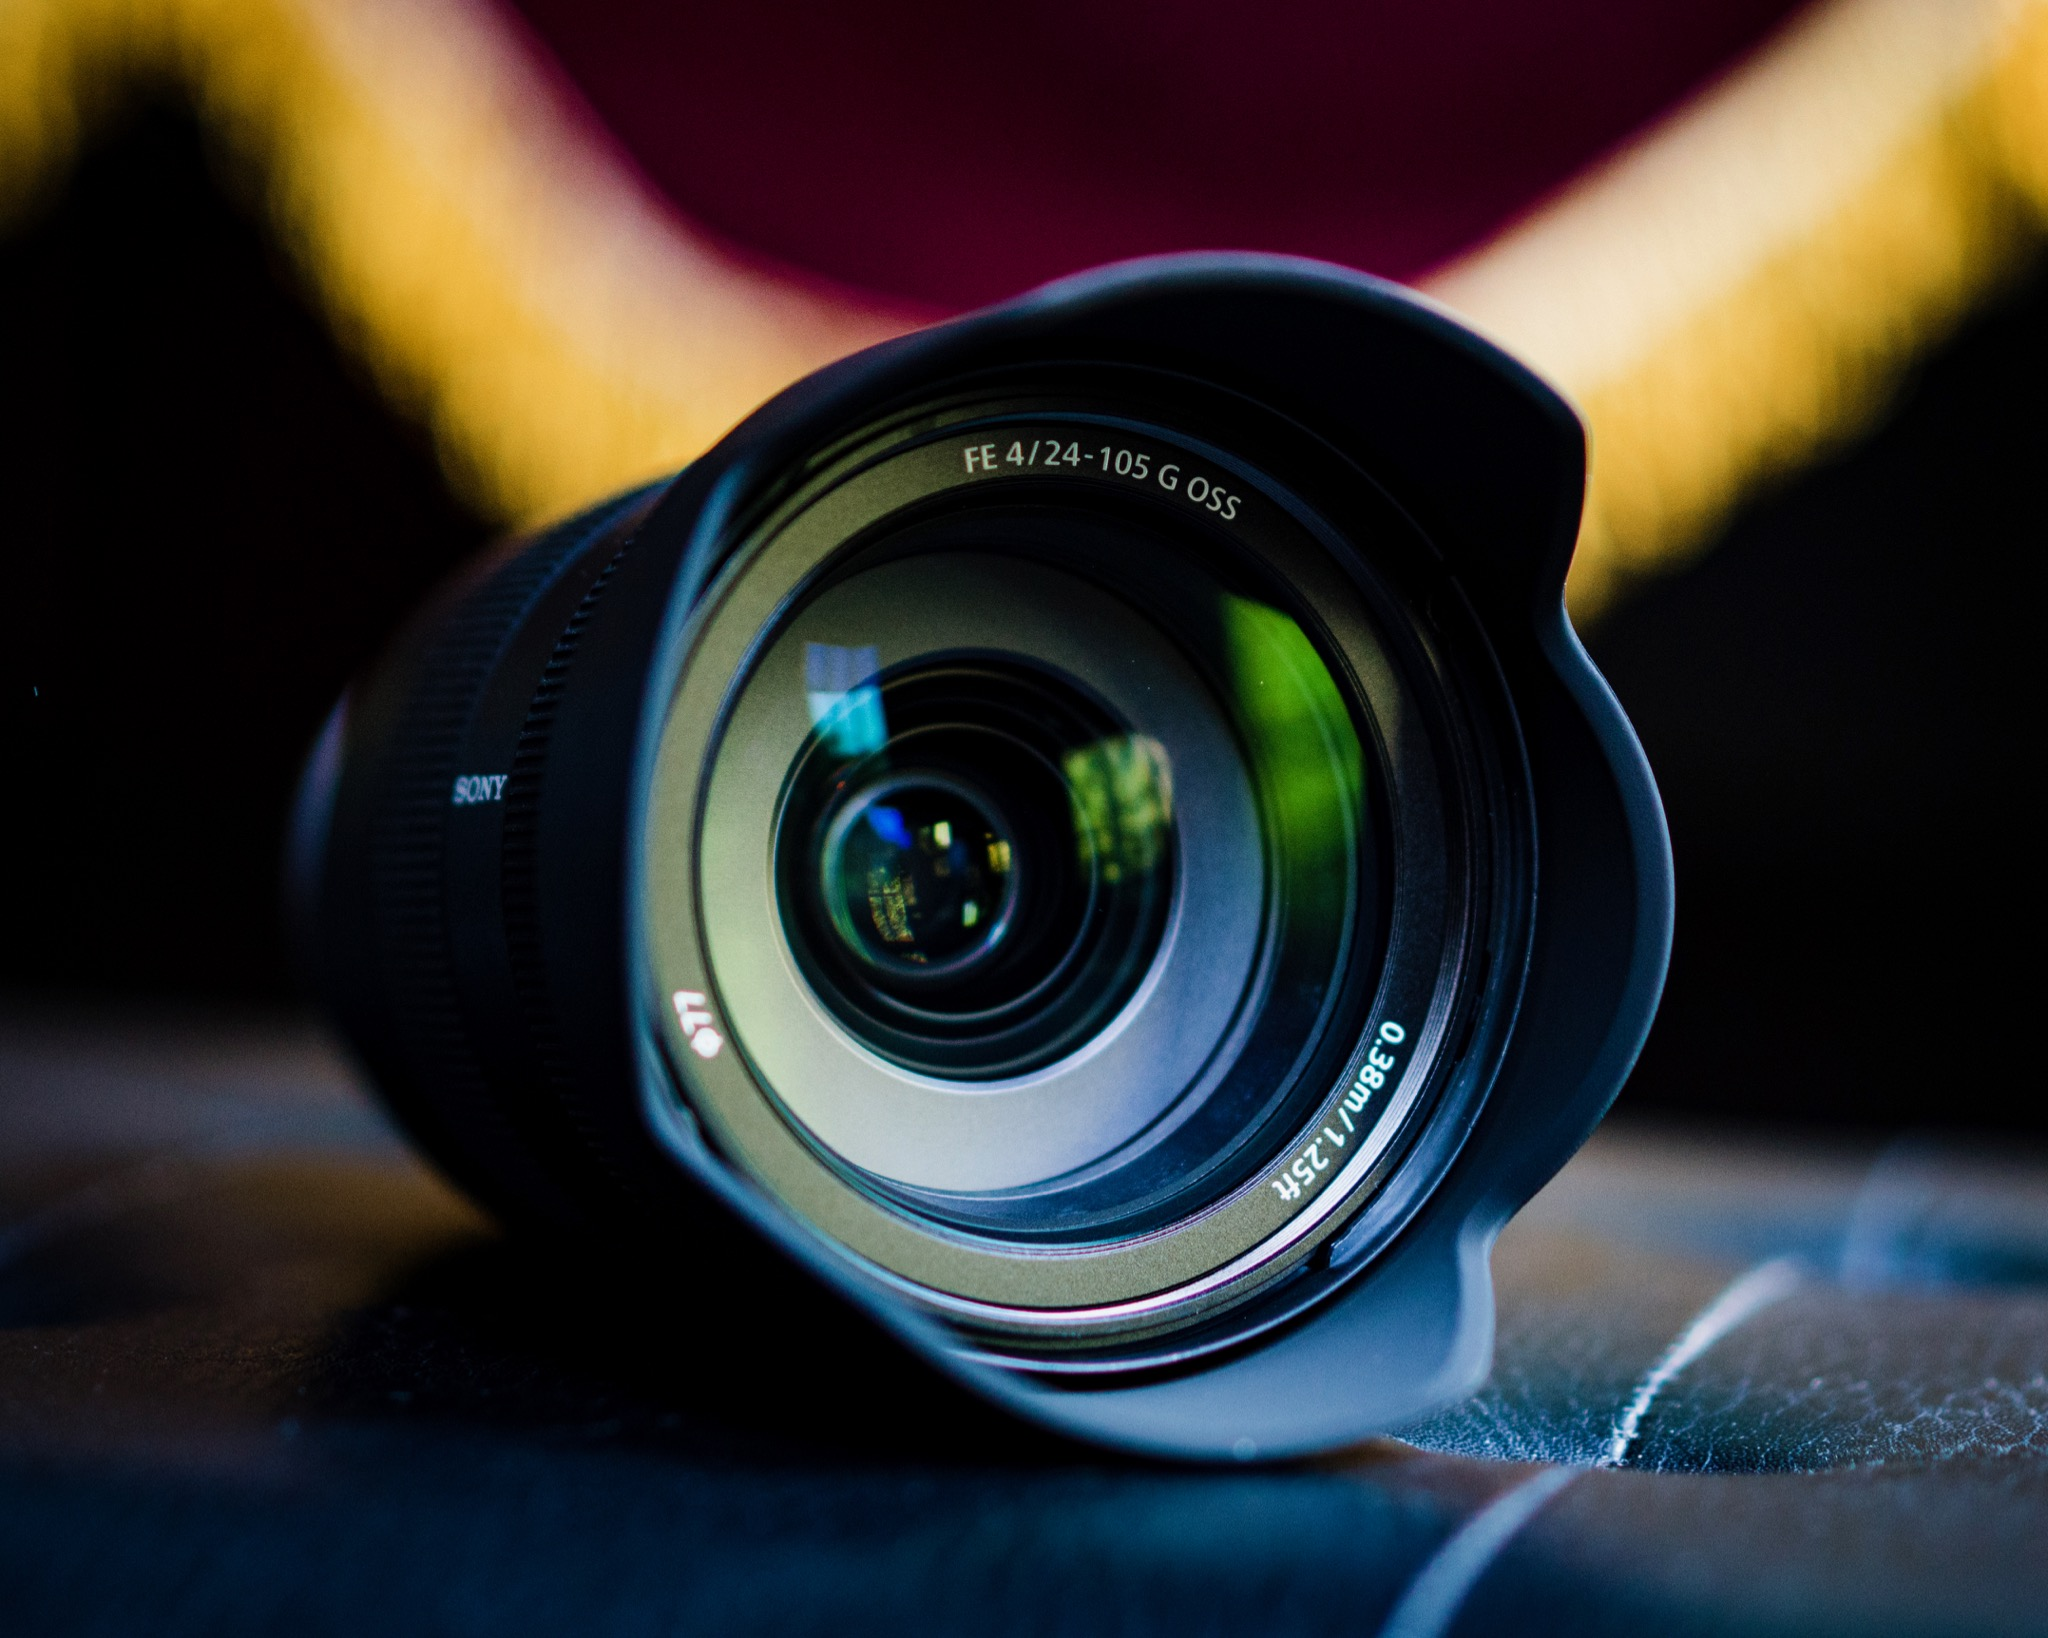 FE 24-105mm F4 G OSS 全画幅标准变焦G镜头